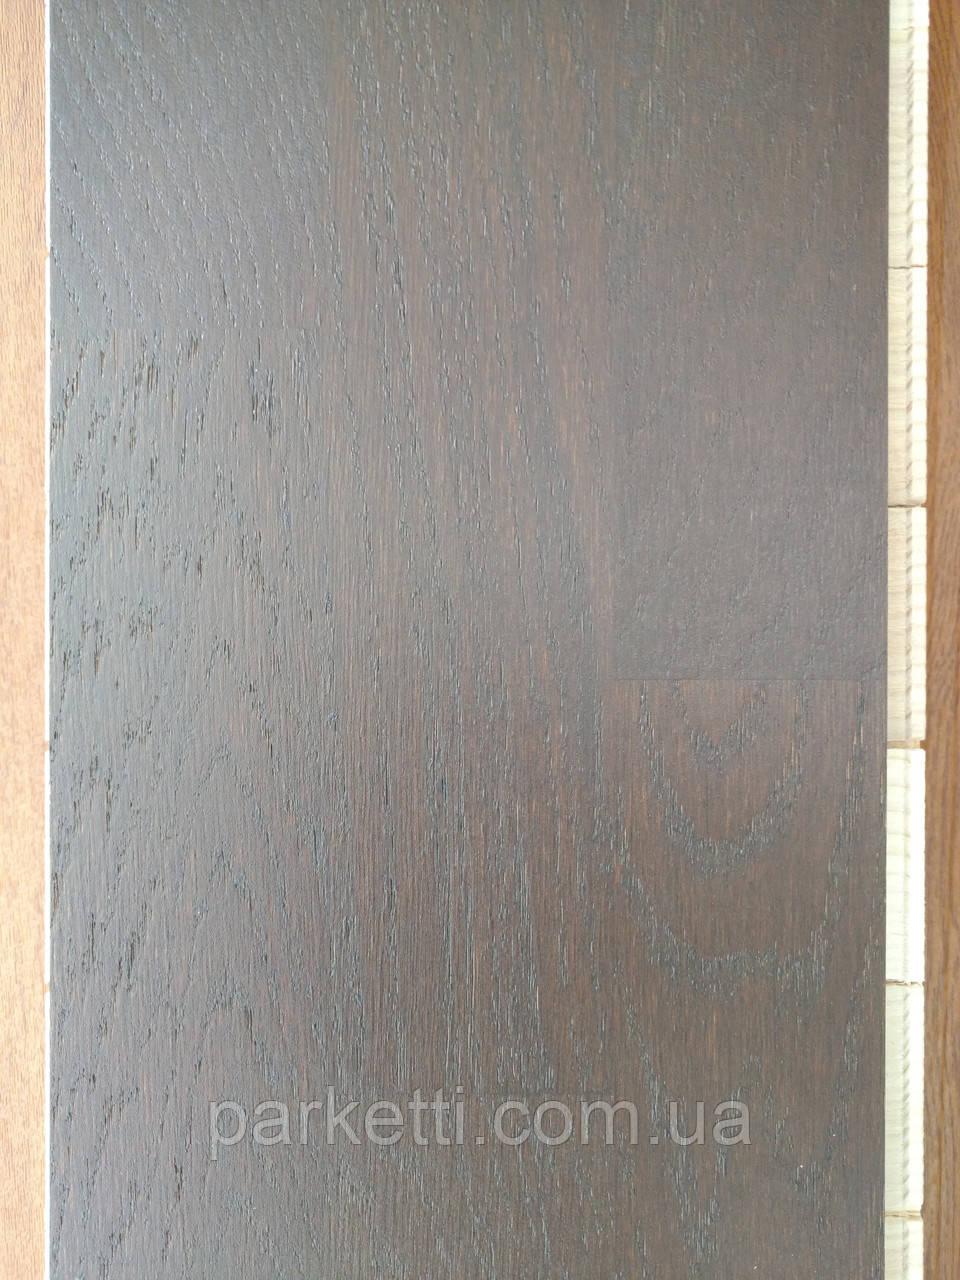 Паркетная доска Wood Floor Дуб Коньяк